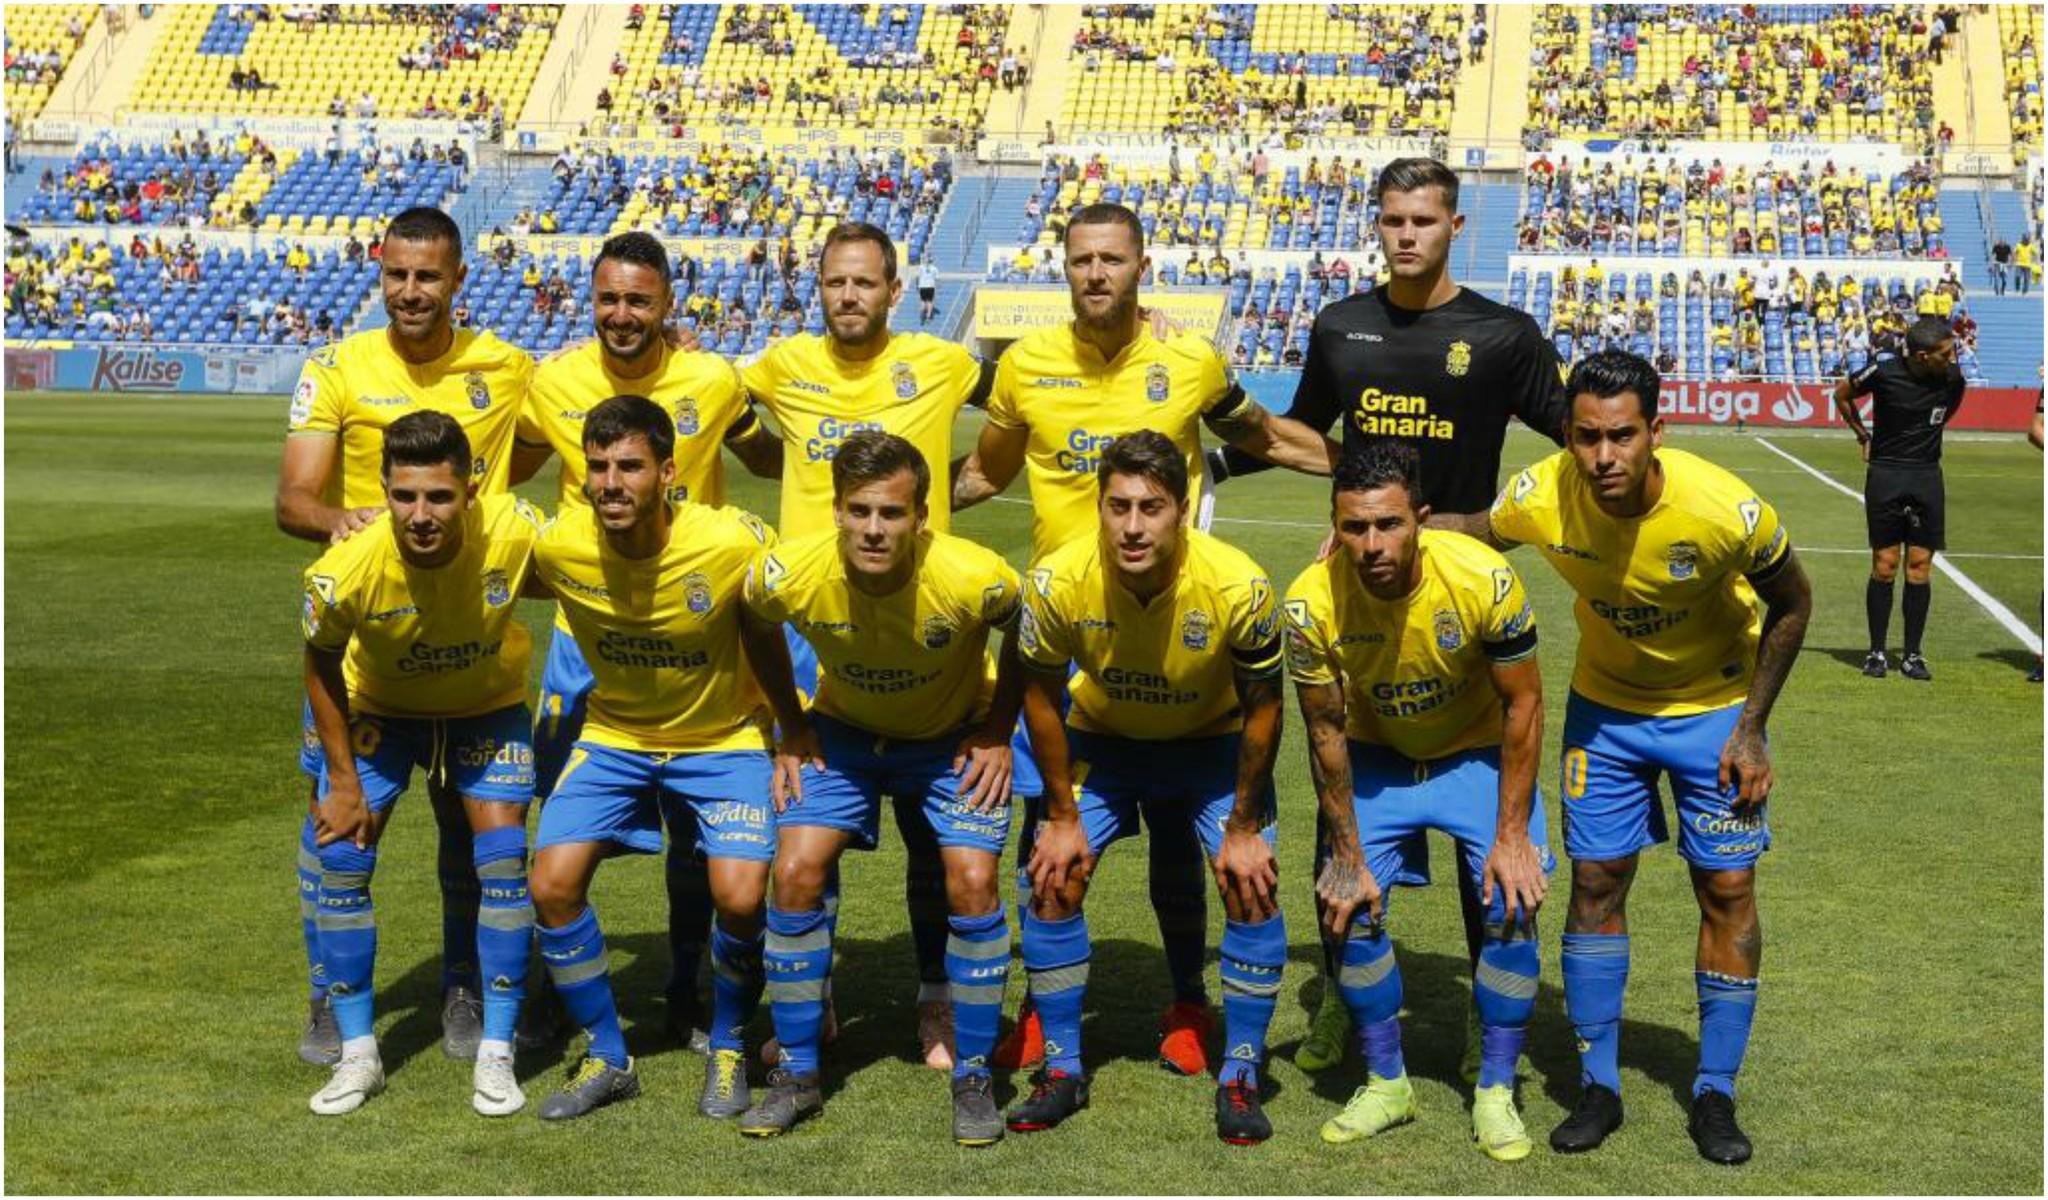 Un once de Las Palmas durante la pretemporada